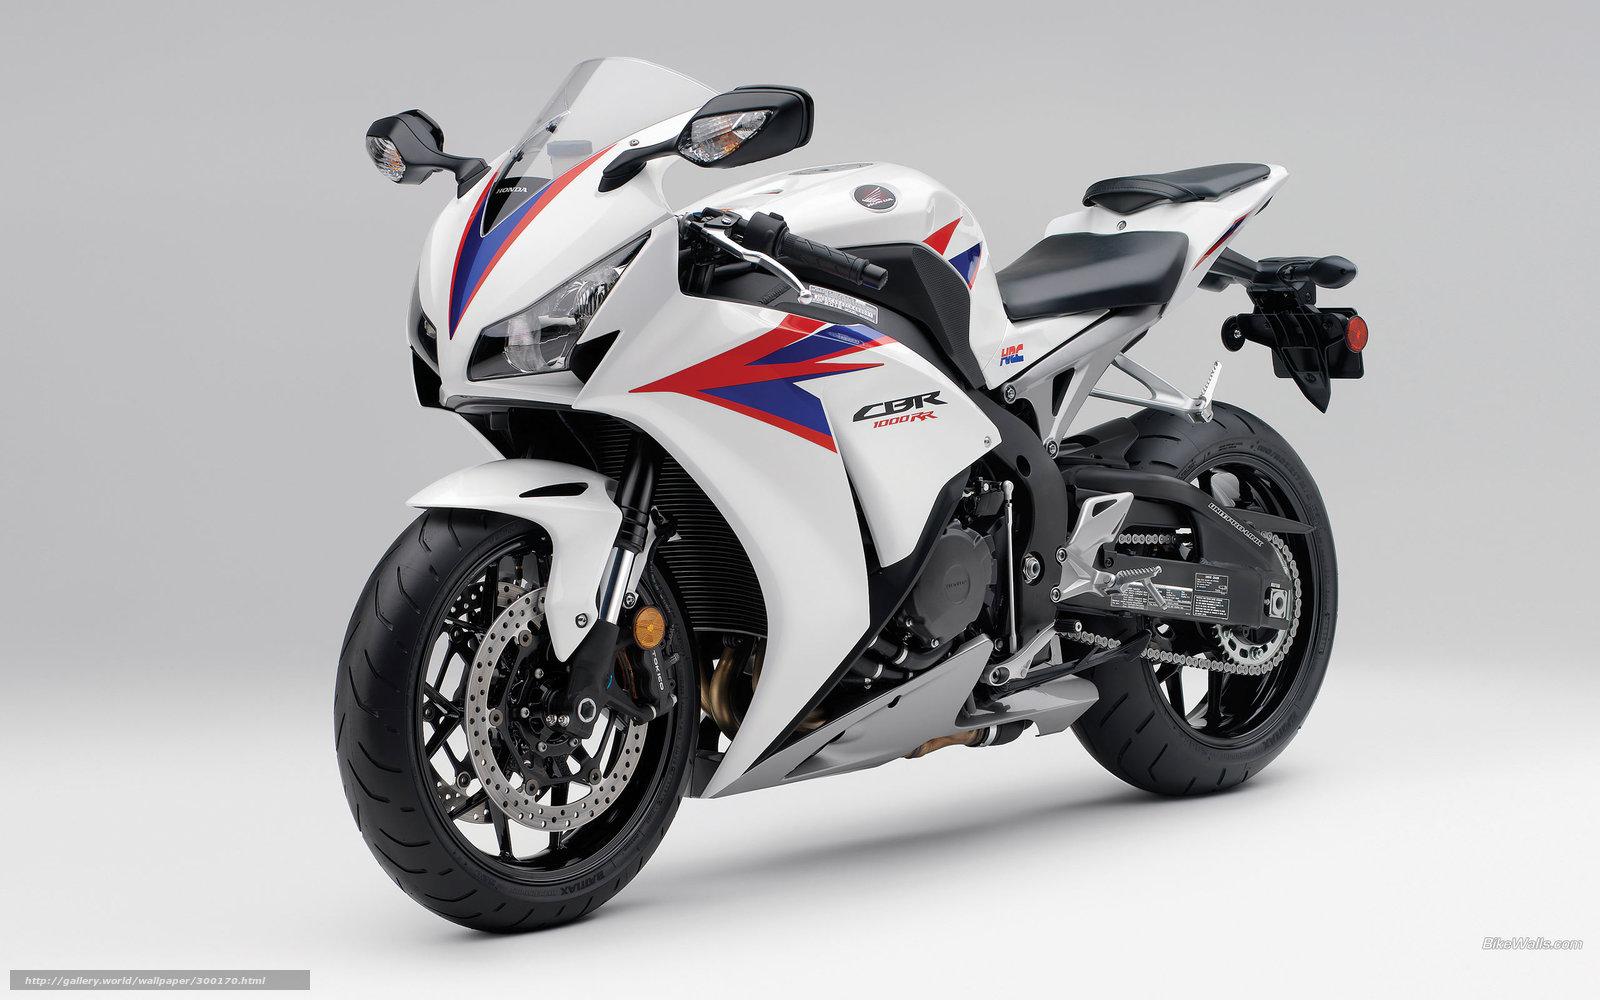 Download Wallpaper Honda Sport Cbr1000rr Cbr1000rr 2012